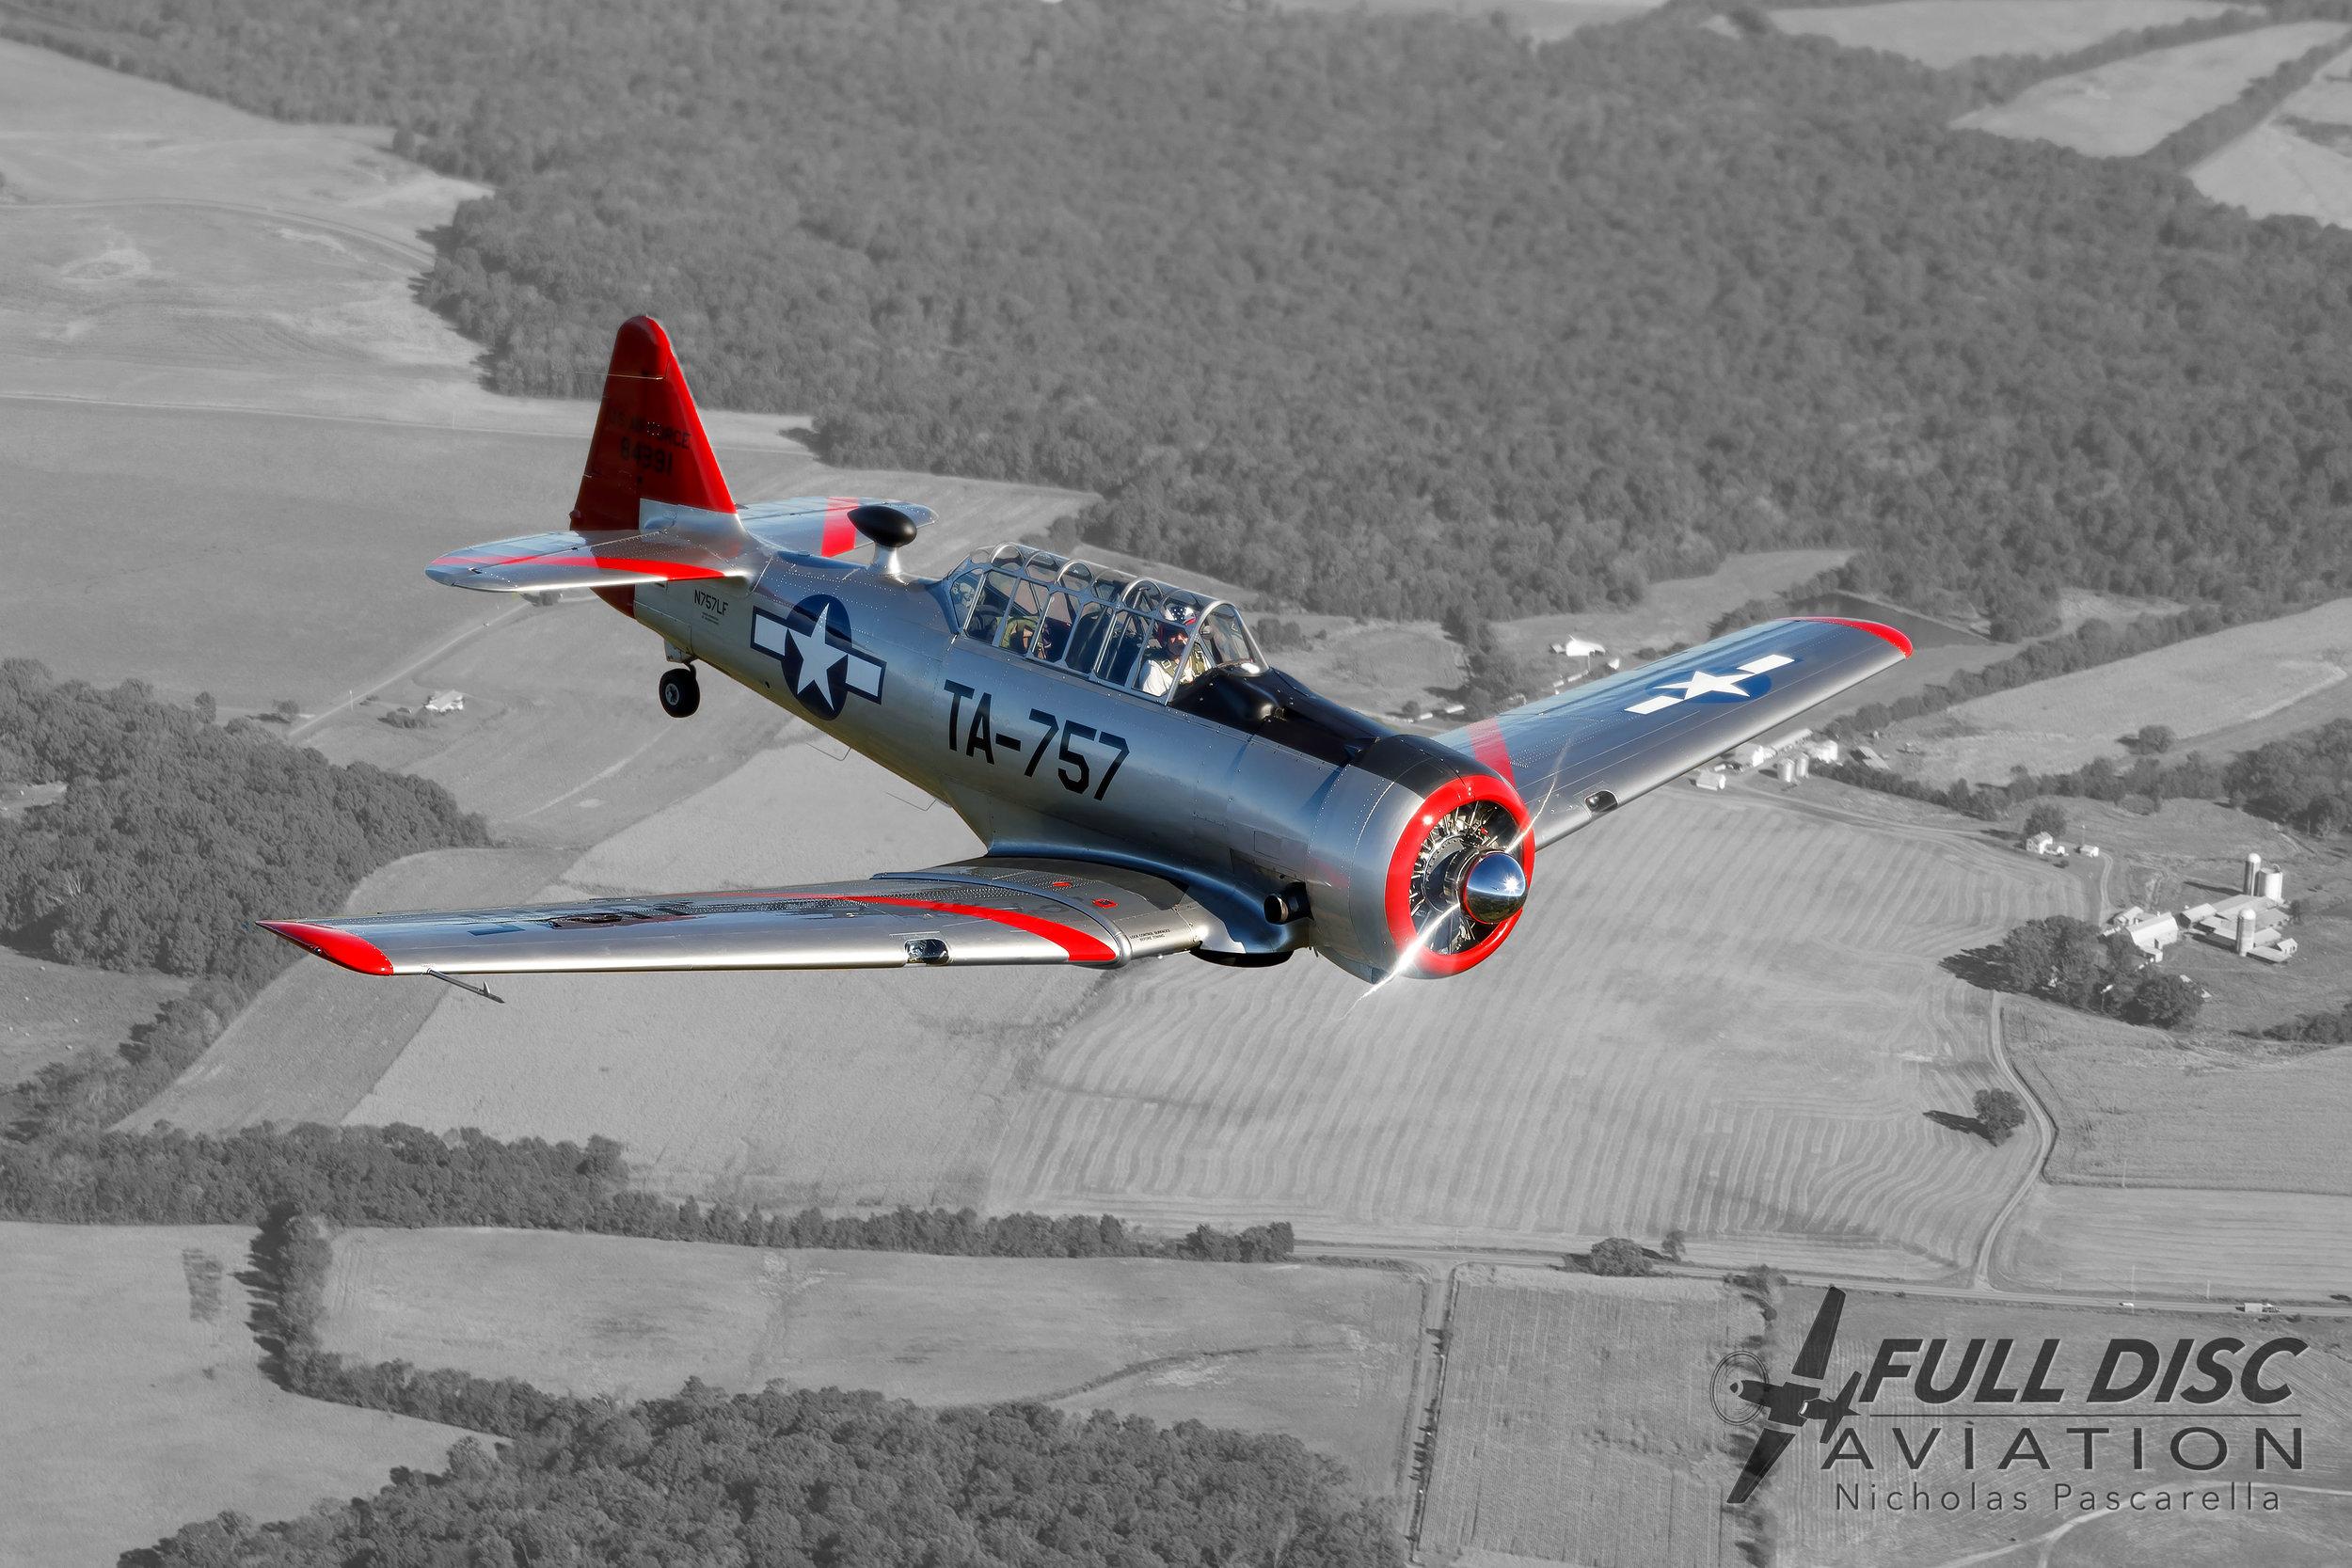 T6_full_disc_aviation_iso.jpg